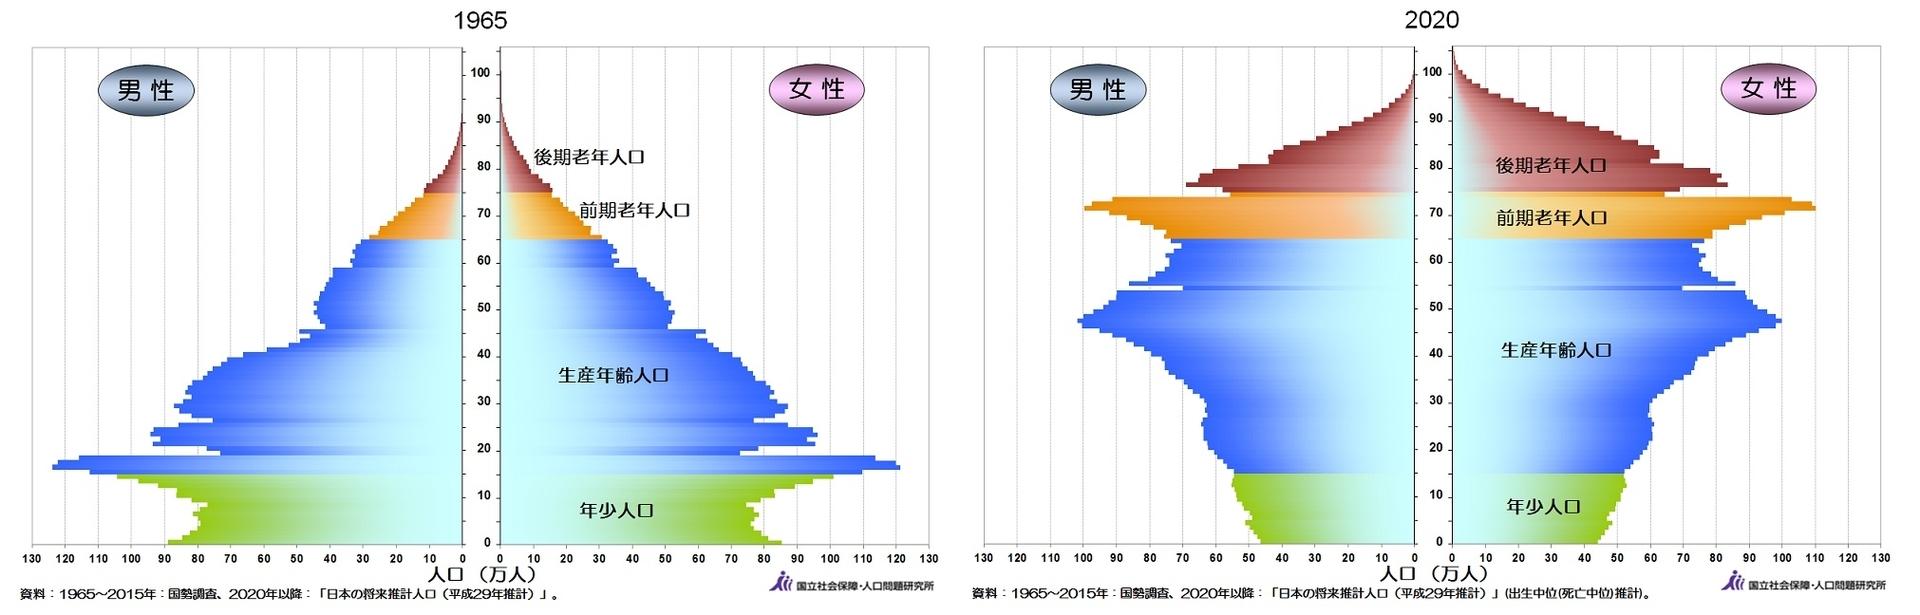 1965年と2020年の人口ピラミッド